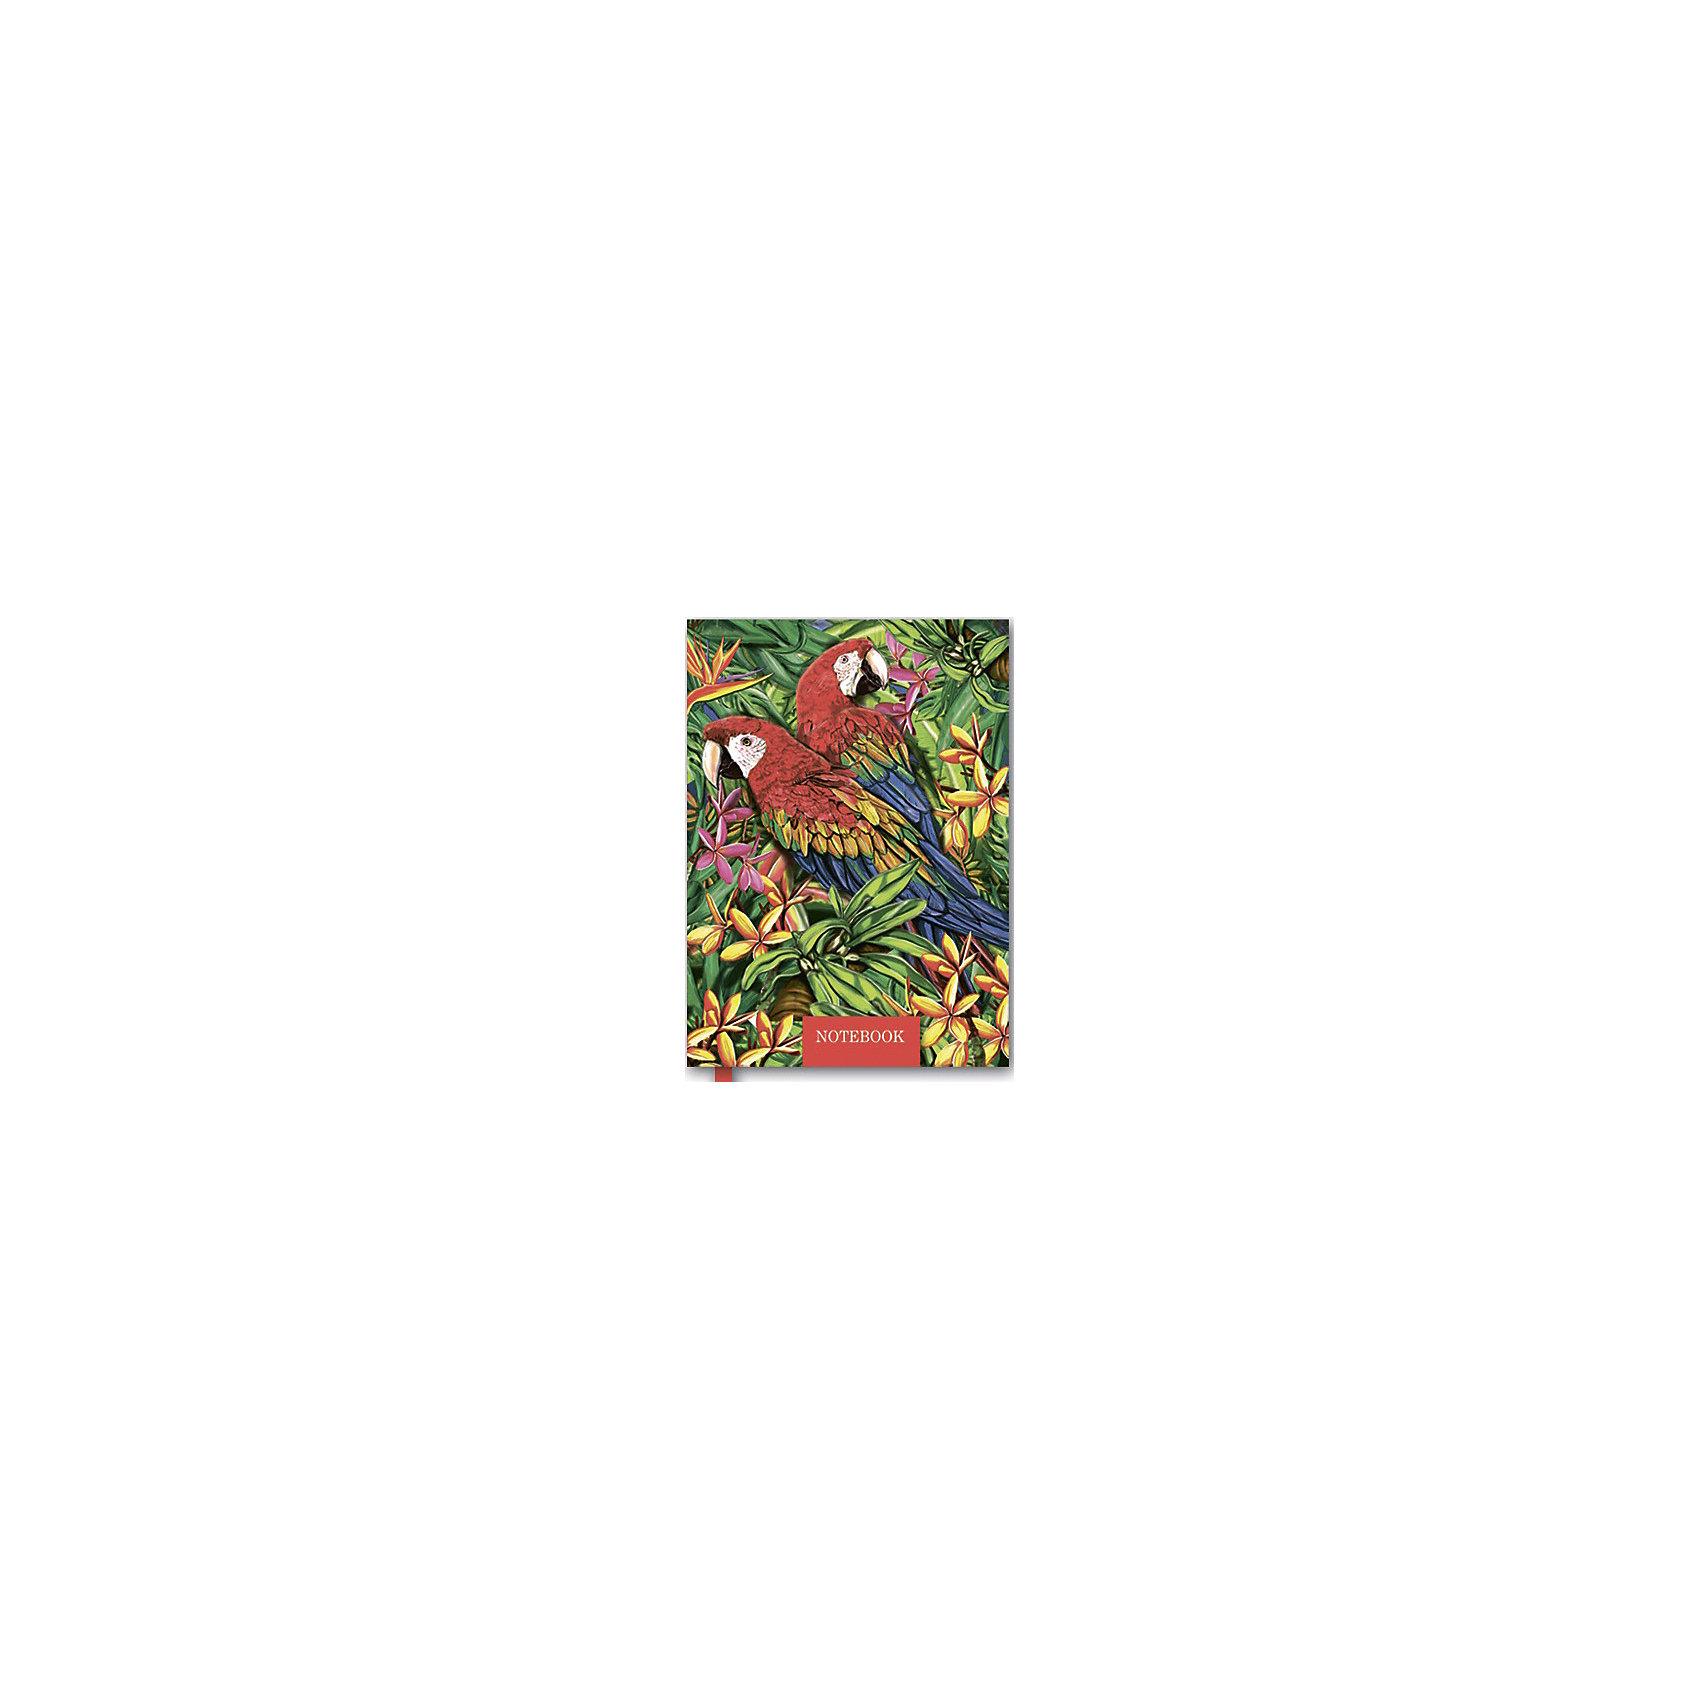 Записная книжка ПопугаиЗаписная книжка - незаменимый помощник для каждого! В нее можно заносить телефоны, фиксировать даты и важные события или просто записывать свои мысли и рисовать. Яркая красивая плотная обложка обязательно привлечет внимание и надежно сохранит все записи, телефоны и рисунки.  <br><br>Дополнительная информация:<br><br>- Обложка: твердая, 7БЦ с поролоном, тиснение фольгой.<br>- Количество страниц: 400.<br>- Размер: 10 х 13,5 см.<br>- Справочная информация.<br>- Вырубка блока на 12 месяцев.<br><br>Записную книжку Попугаи можно купить в нашем магазине.<br><br>Ширина мм: 135<br>Глубина мм: 100<br>Высота мм: 25<br>Вес г: 230<br>Возраст от месяцев: 48<br>Возраст до месяцев: 2147483647<br>Пол: Унисекс<br>Возраст: Детский<br>SKU: 4756037